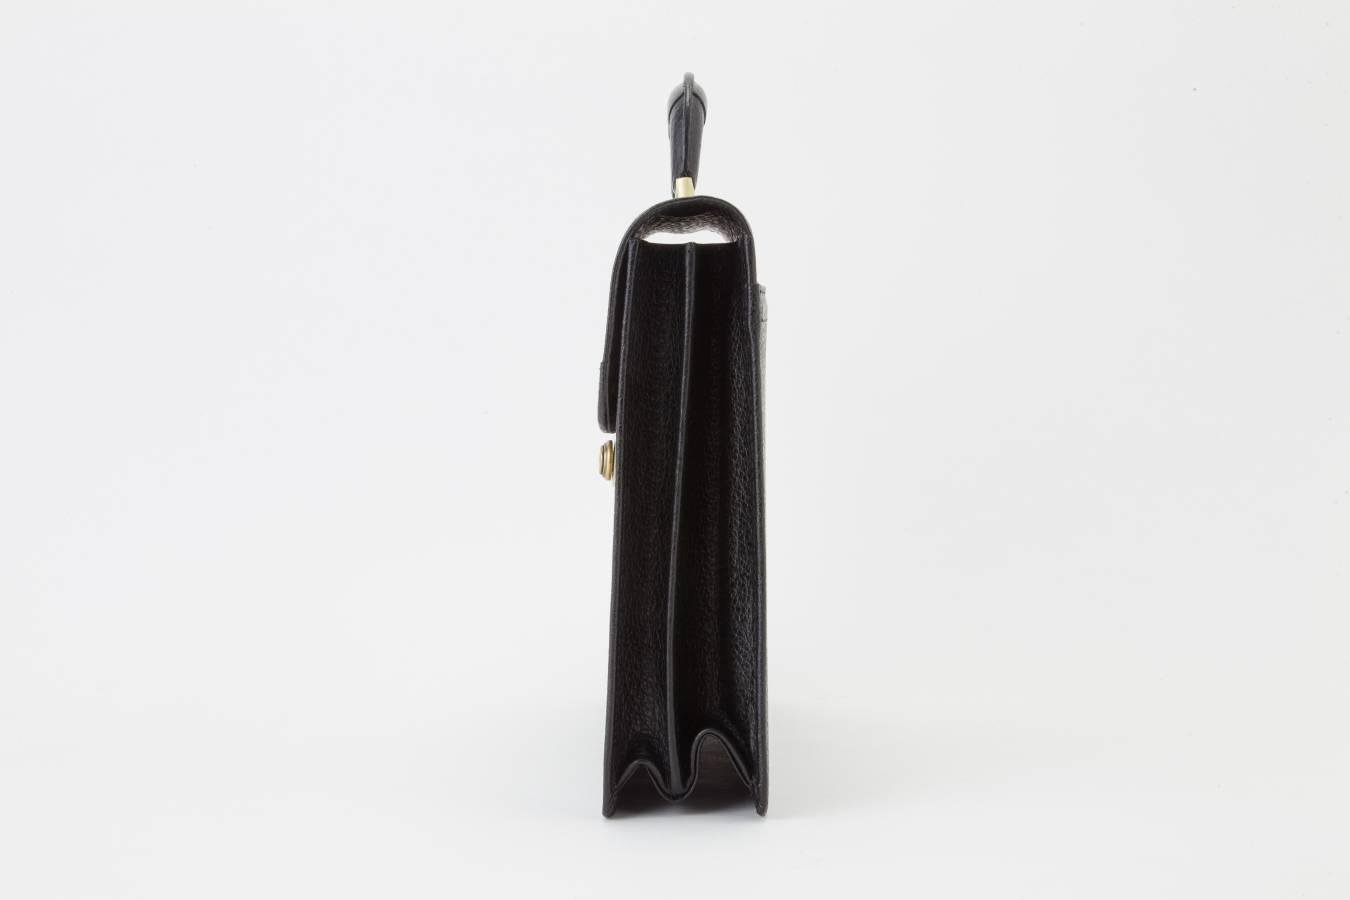 レザー バッグ 銀座タニザワ バッファローフラップタイプ 36cm